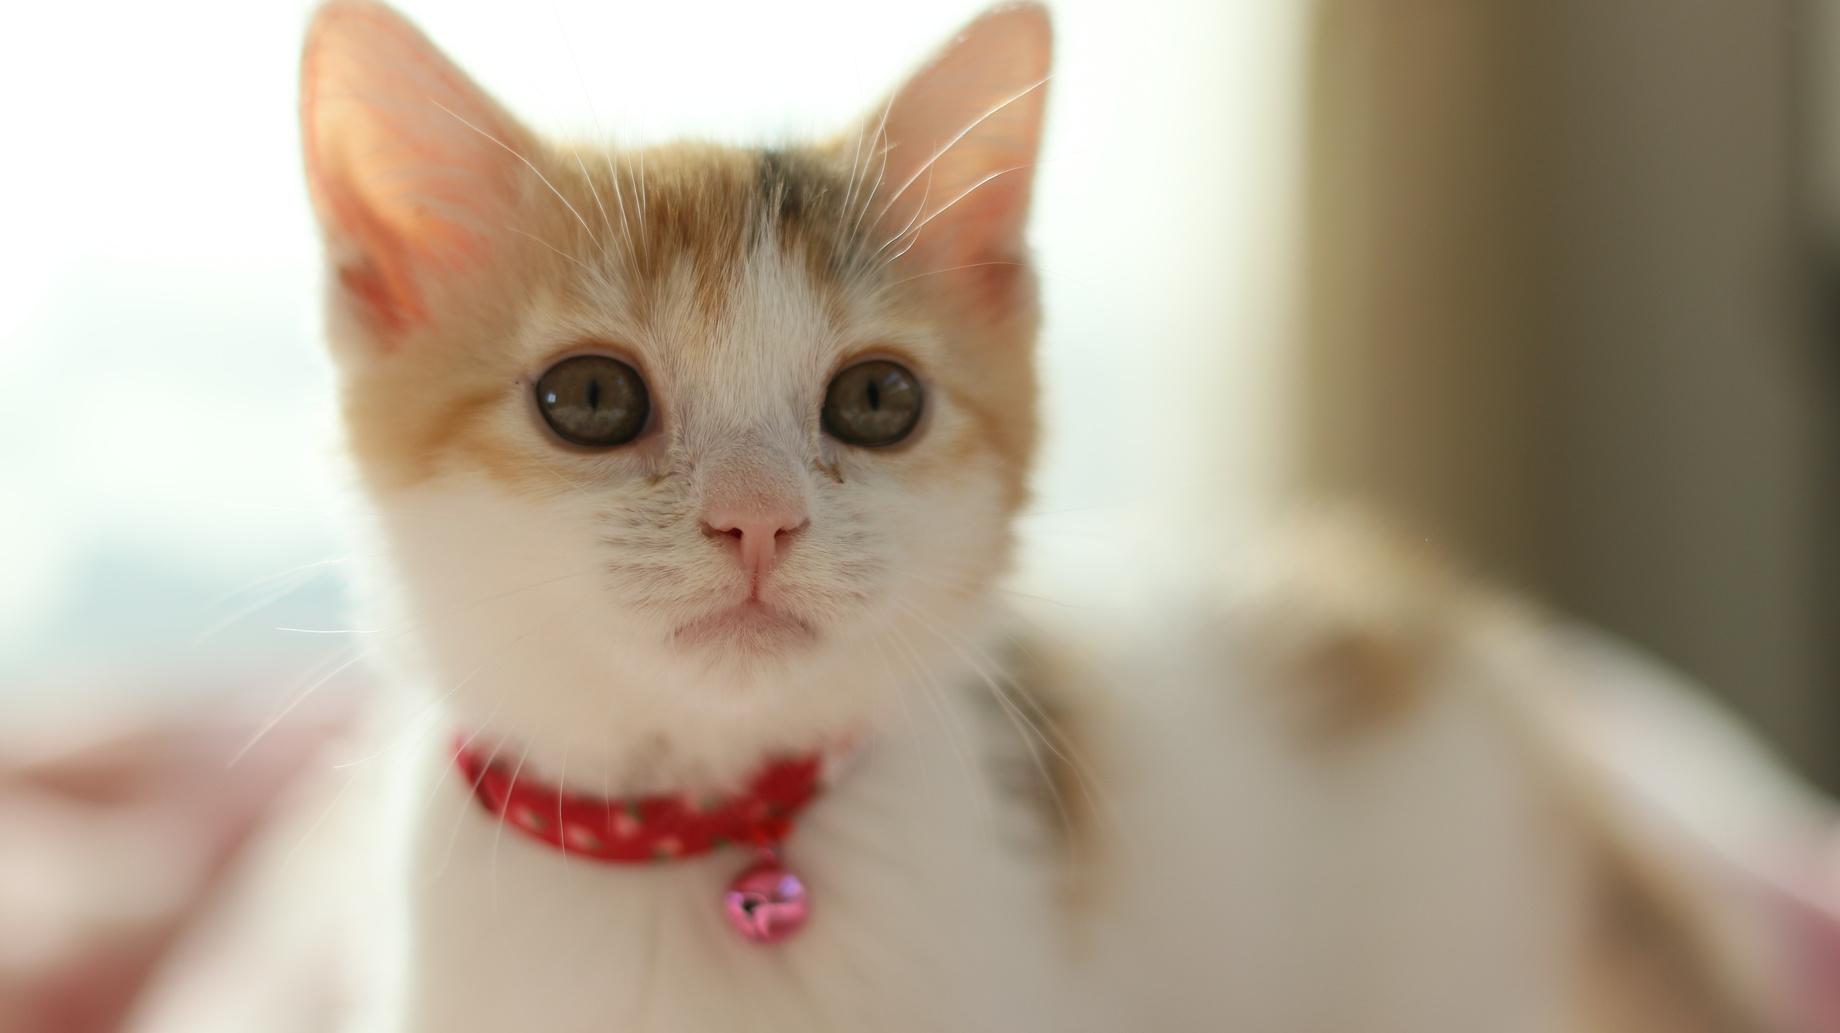 猫のイメージといえば首輪の鈴?首輪に鈴をつけるメリットとデメリット